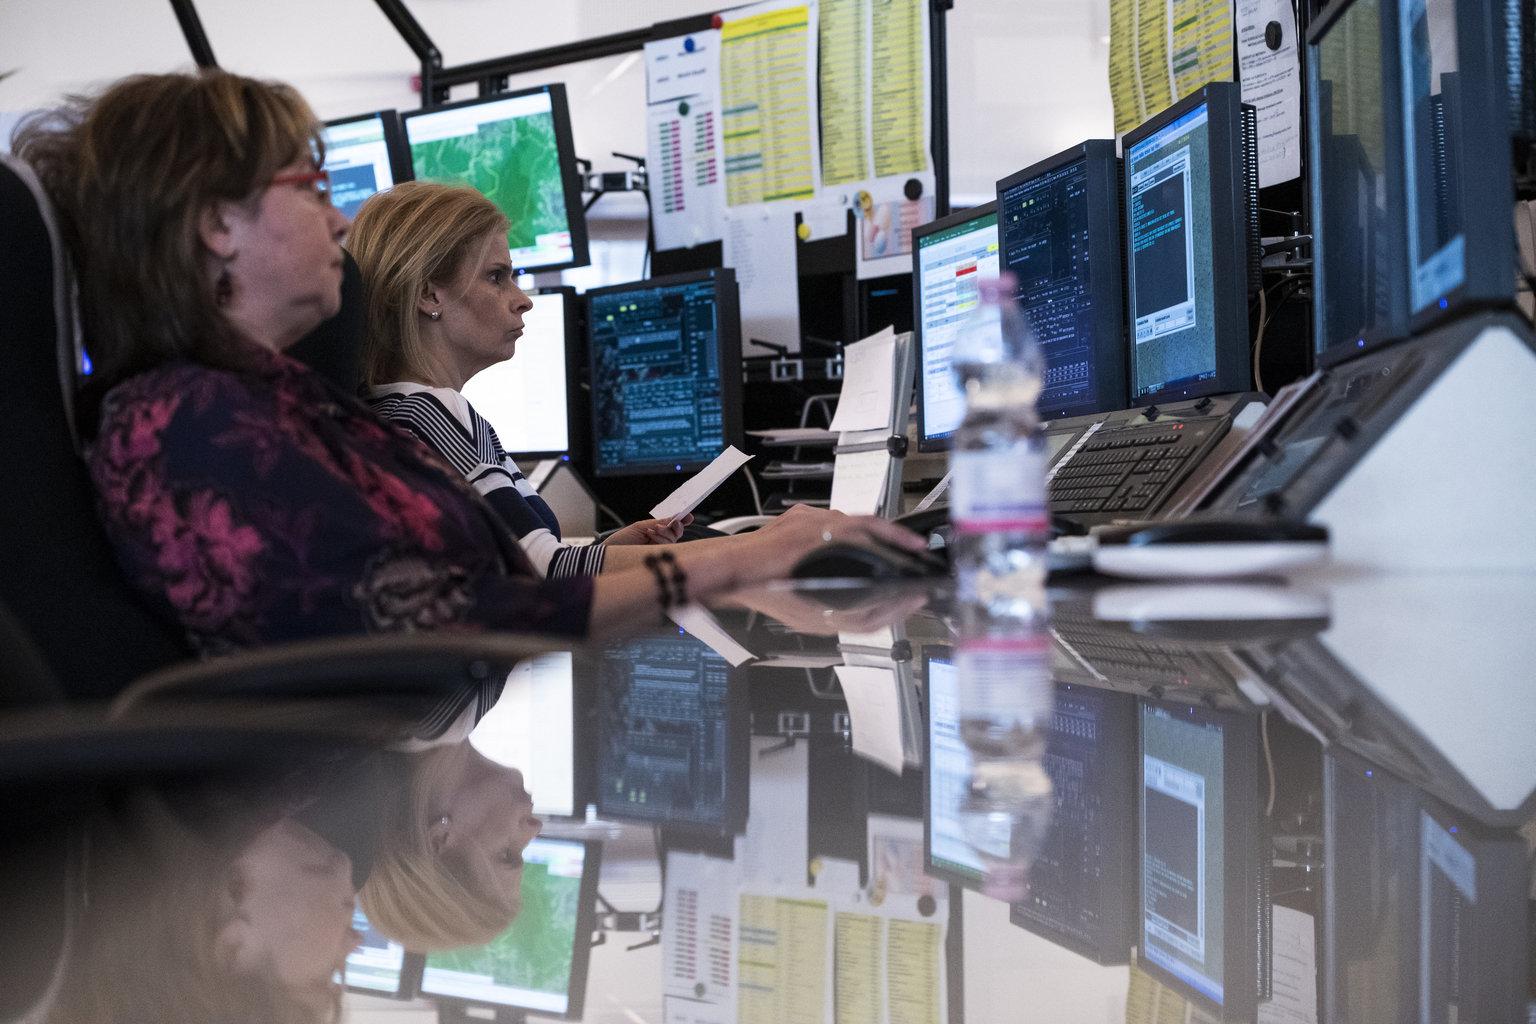 Légiforgalmi irányítók dolgoznak a HungaroControl Magyar Légiforgalmi Szolgálat Zrt. budapesti székhelyén 2019. március 7-én. Áprilistól határozatlan ideig a HungaroControl végezheti a Koszovó feletti magaslégtér (KFOR-szektor) irányítását az Észak-Atlanti Tanács döntése szerint. MTI/Mónus Márton